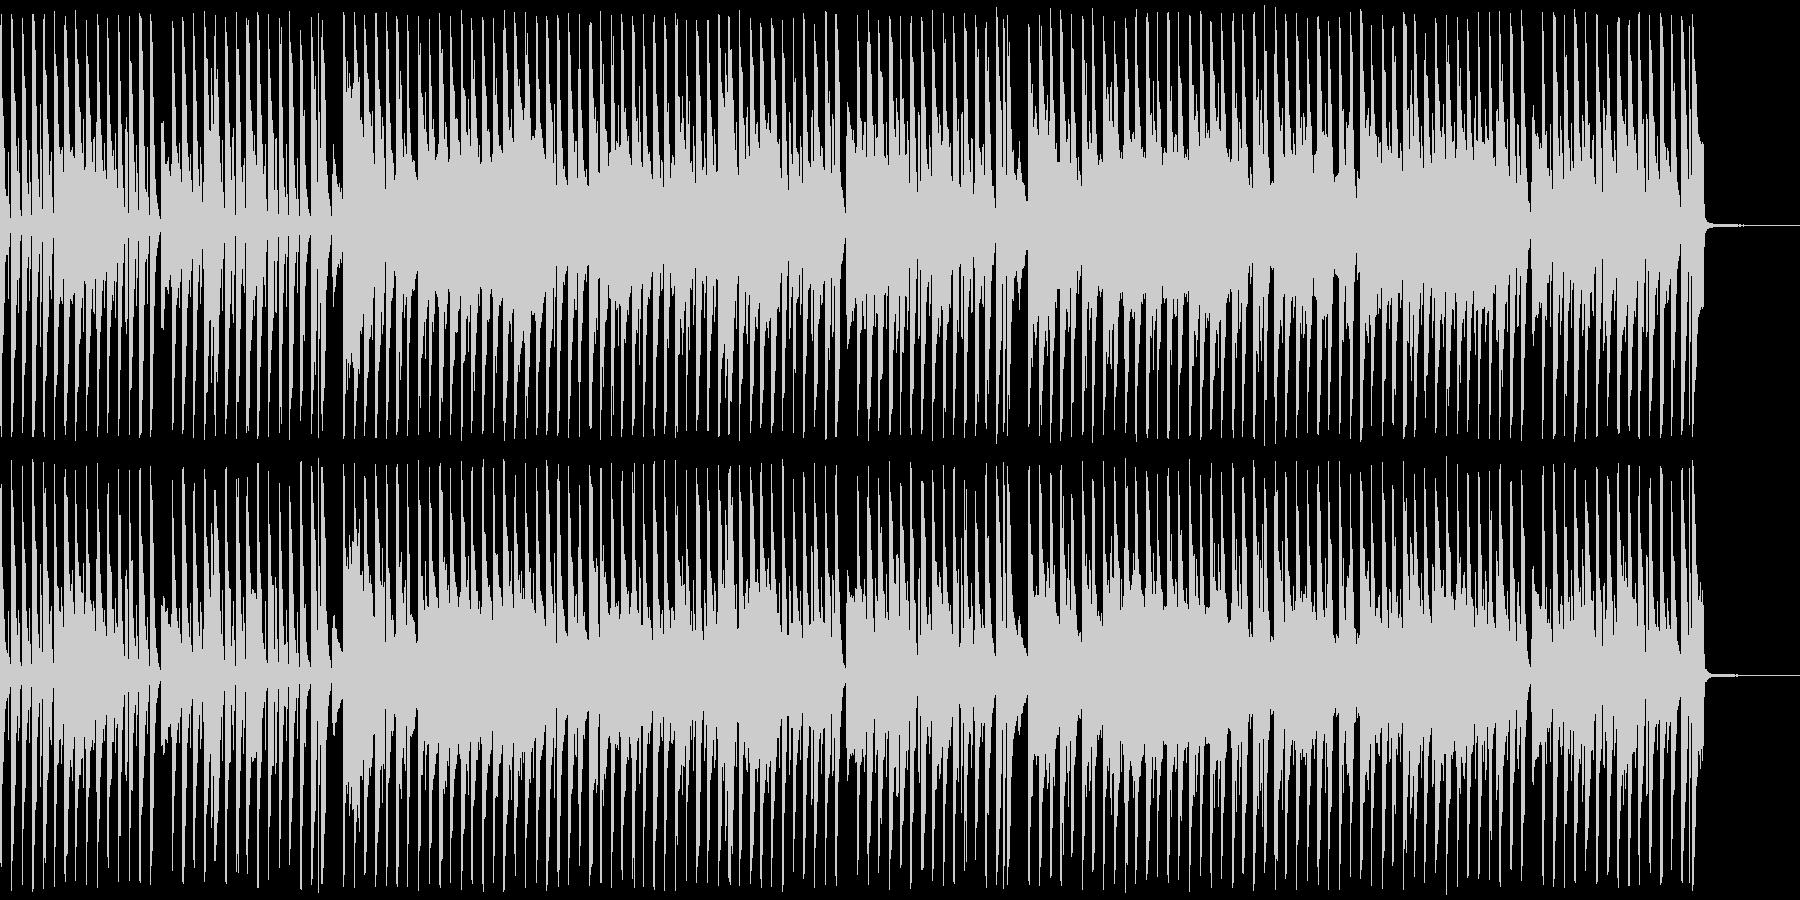 【メロディ抜き】ほのぼのゆったりしたコ…の未再生の波形